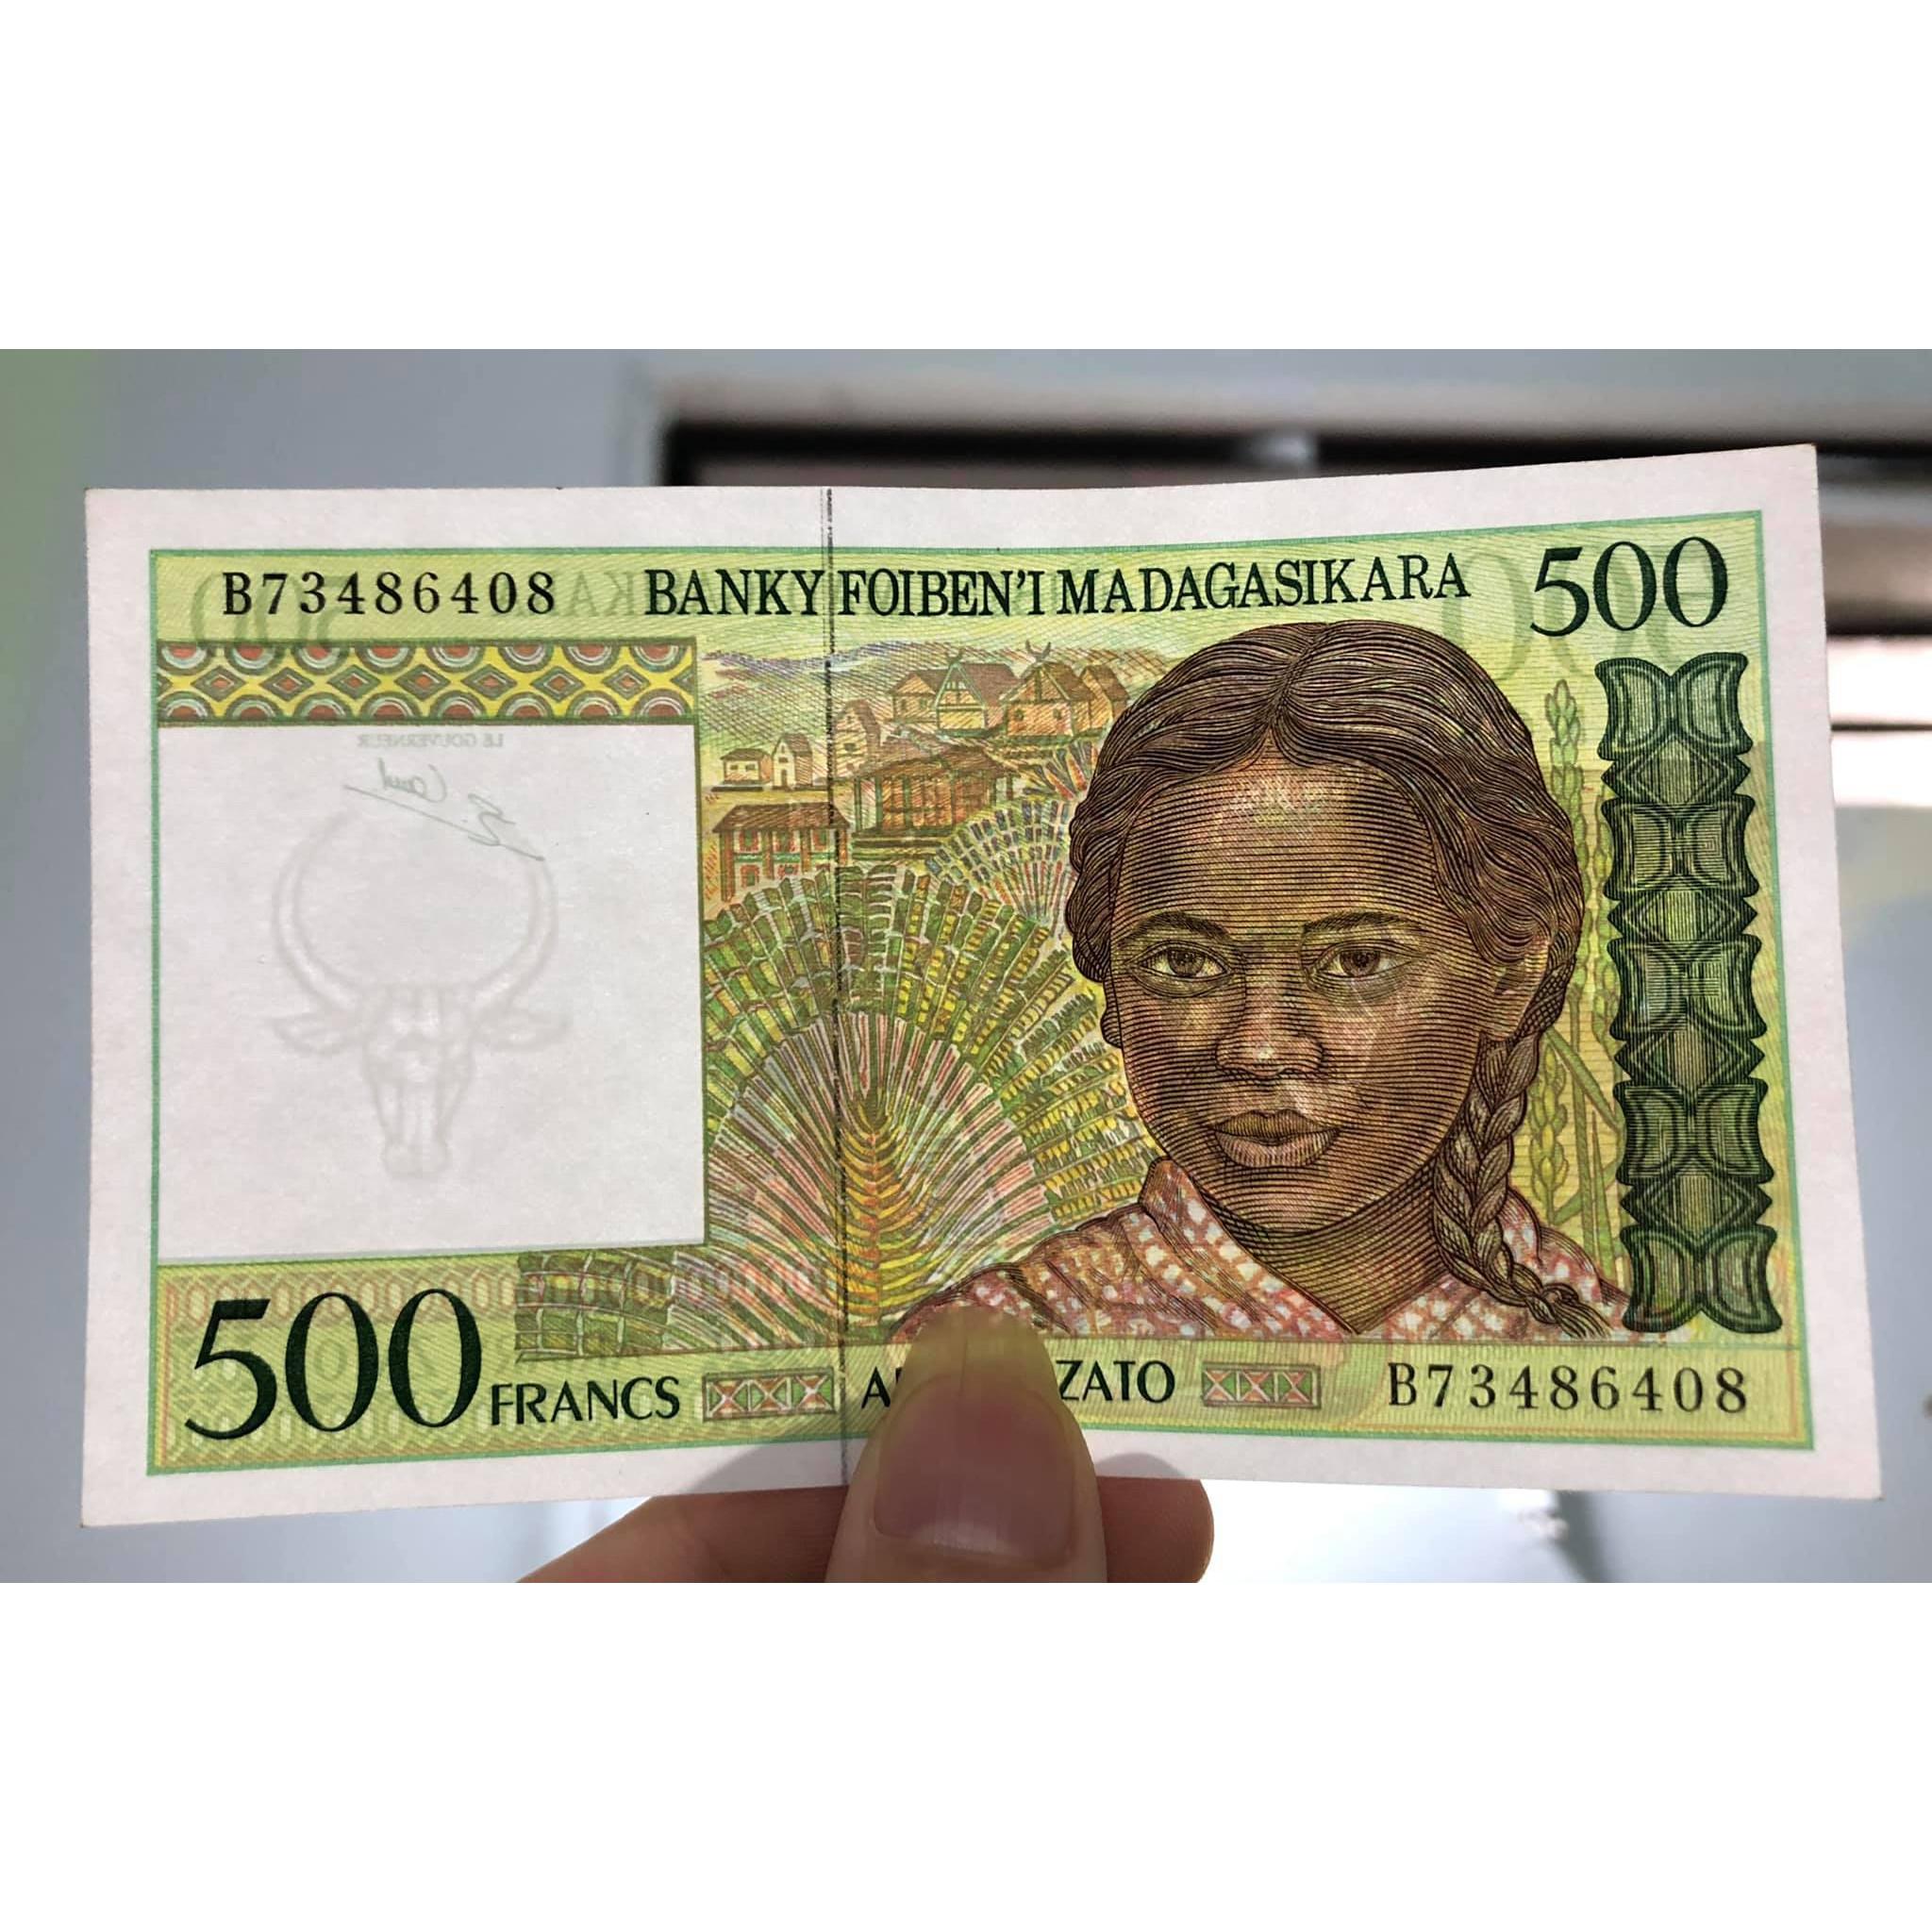 01 tờ tiền cổ 500 Francs của Madagasikara 1994 sưu tầm